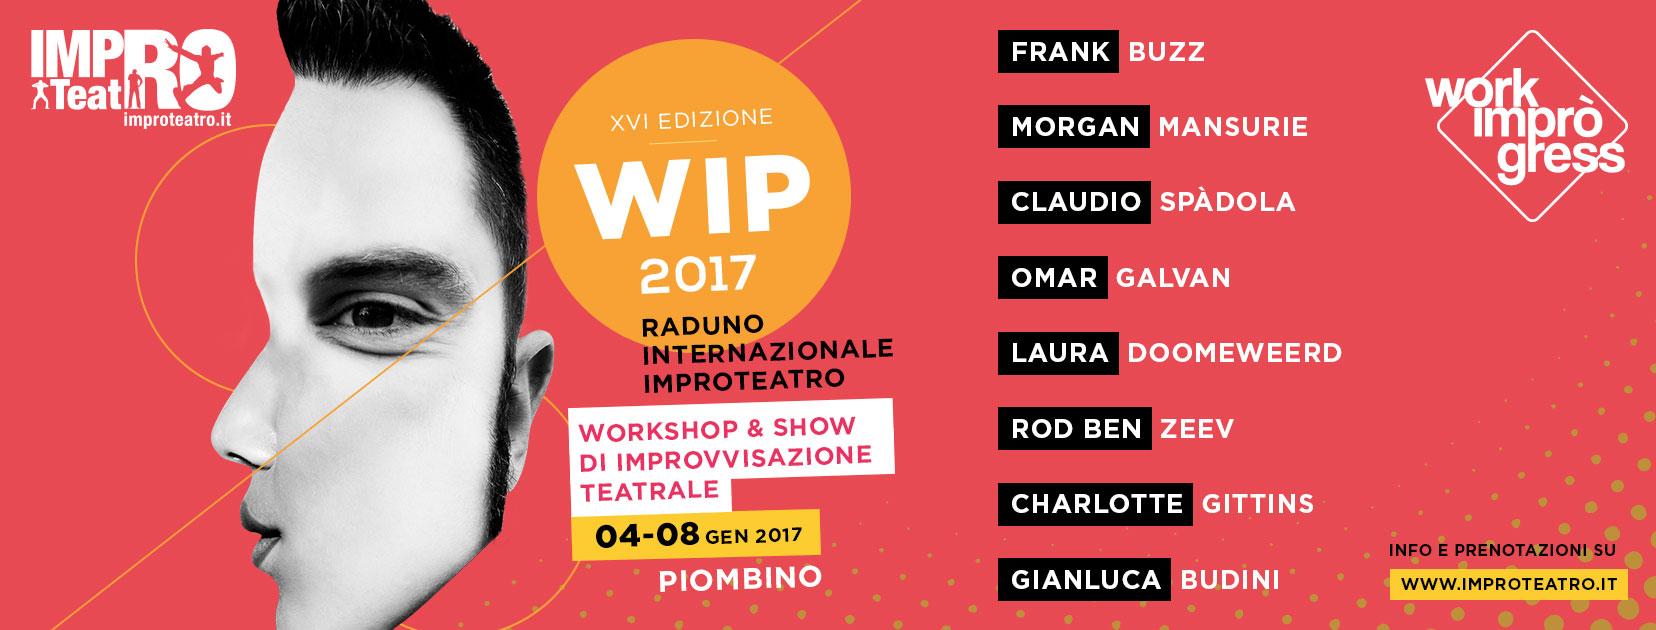 WIP 2017